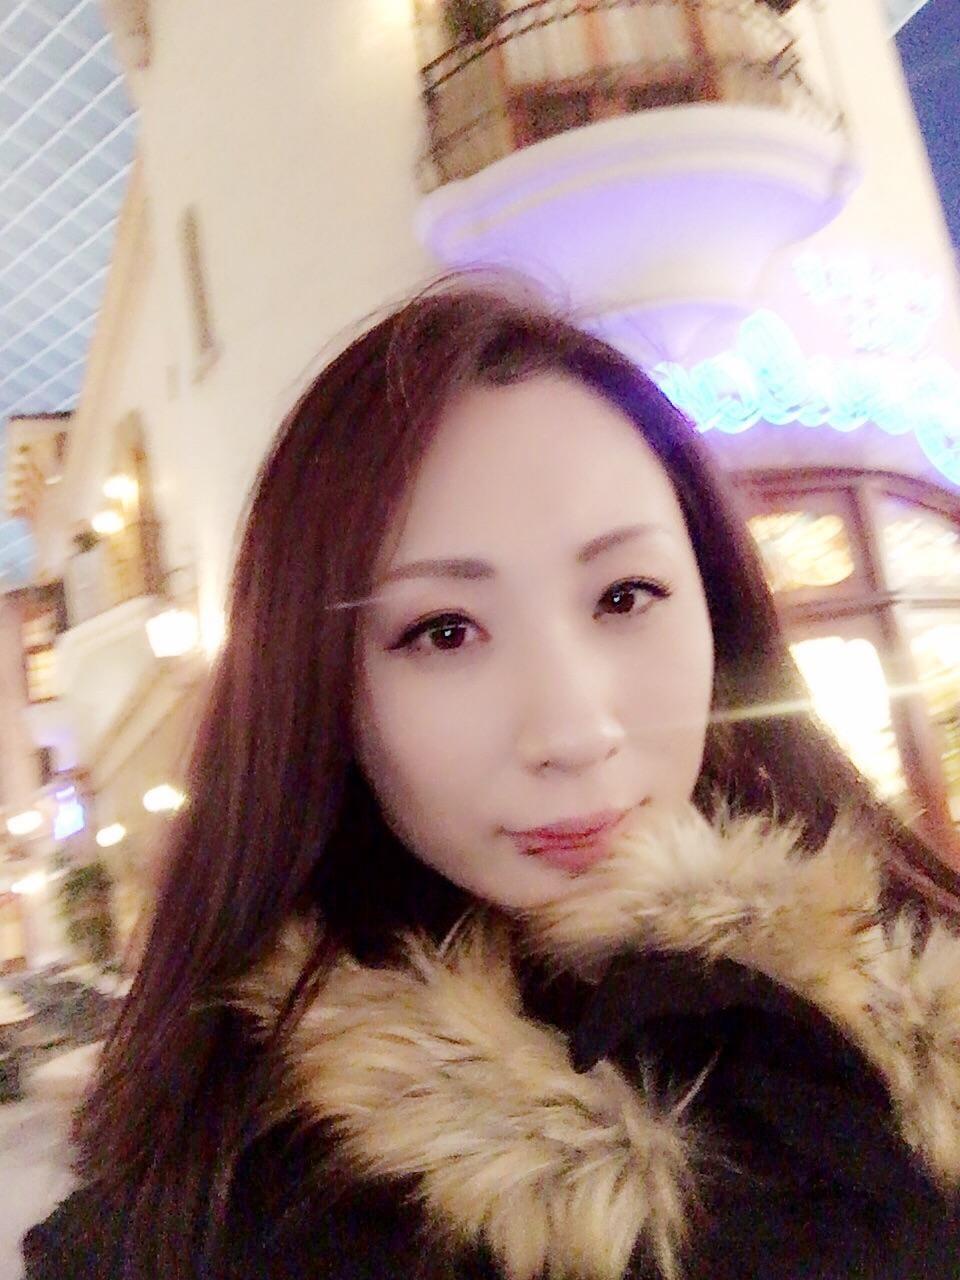 「おことうさんどすぅ」12/13(12/13) 17:52   えみりの写メ・風俗動画